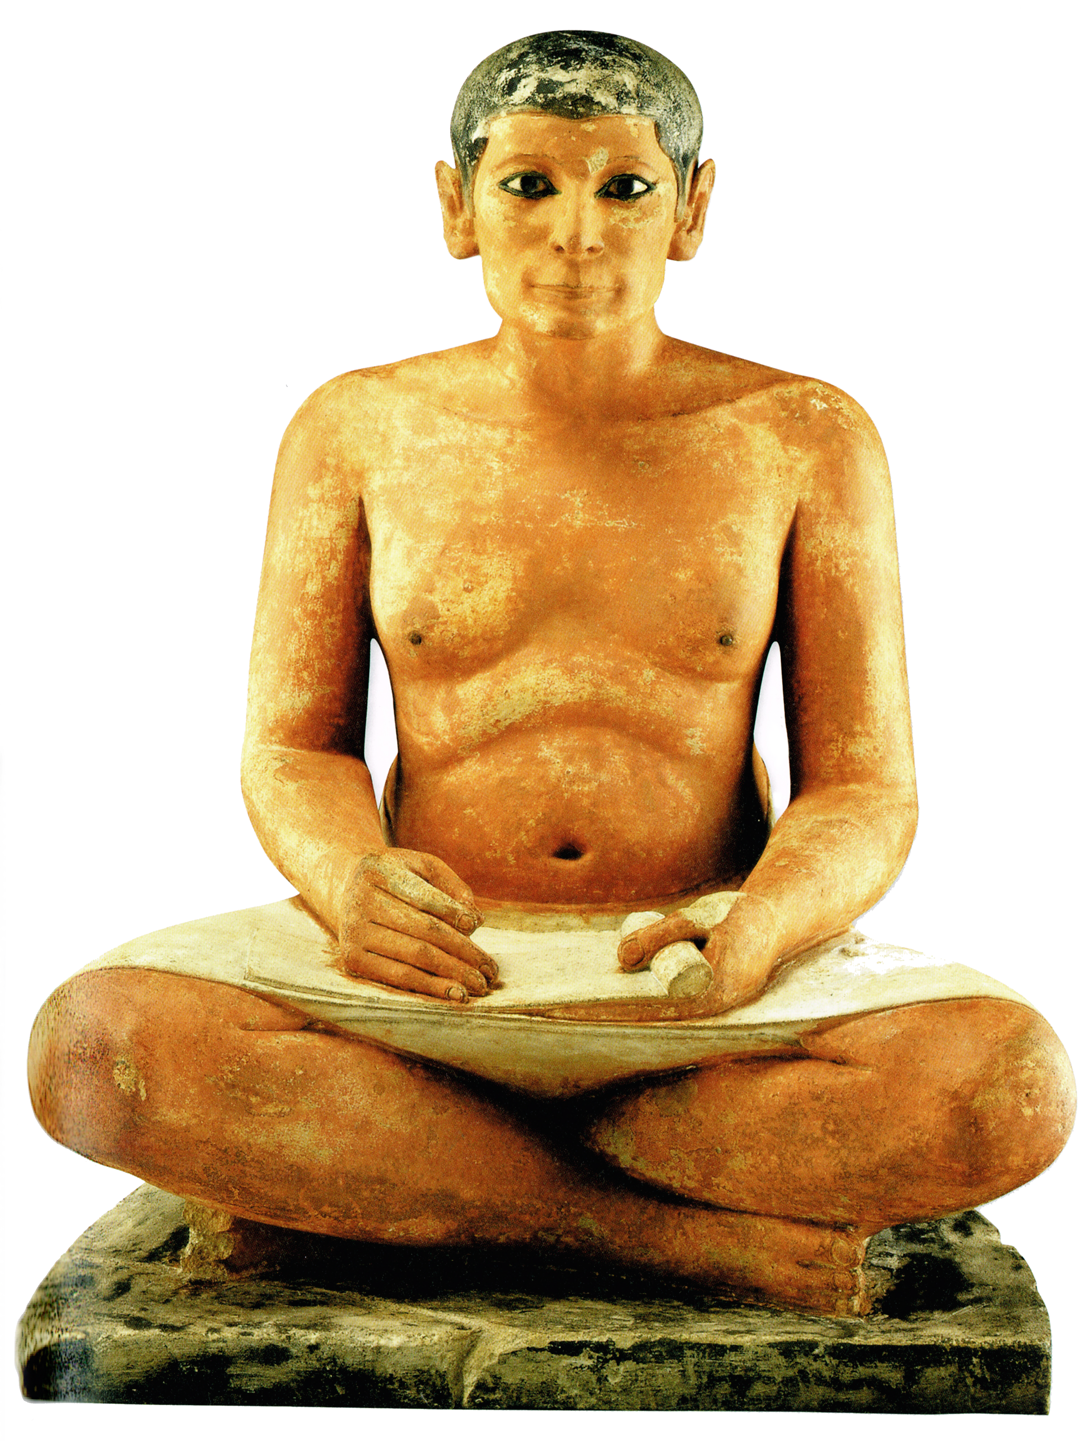 Pisarz egipski był osobą wykształconą, posiadającą umiejętność pisma Pisarz egipski był osobą wykształconą, posiadającą umiejętność pisma Źródło: Musée du Louvre, tylko do użytku edukacyjnego.